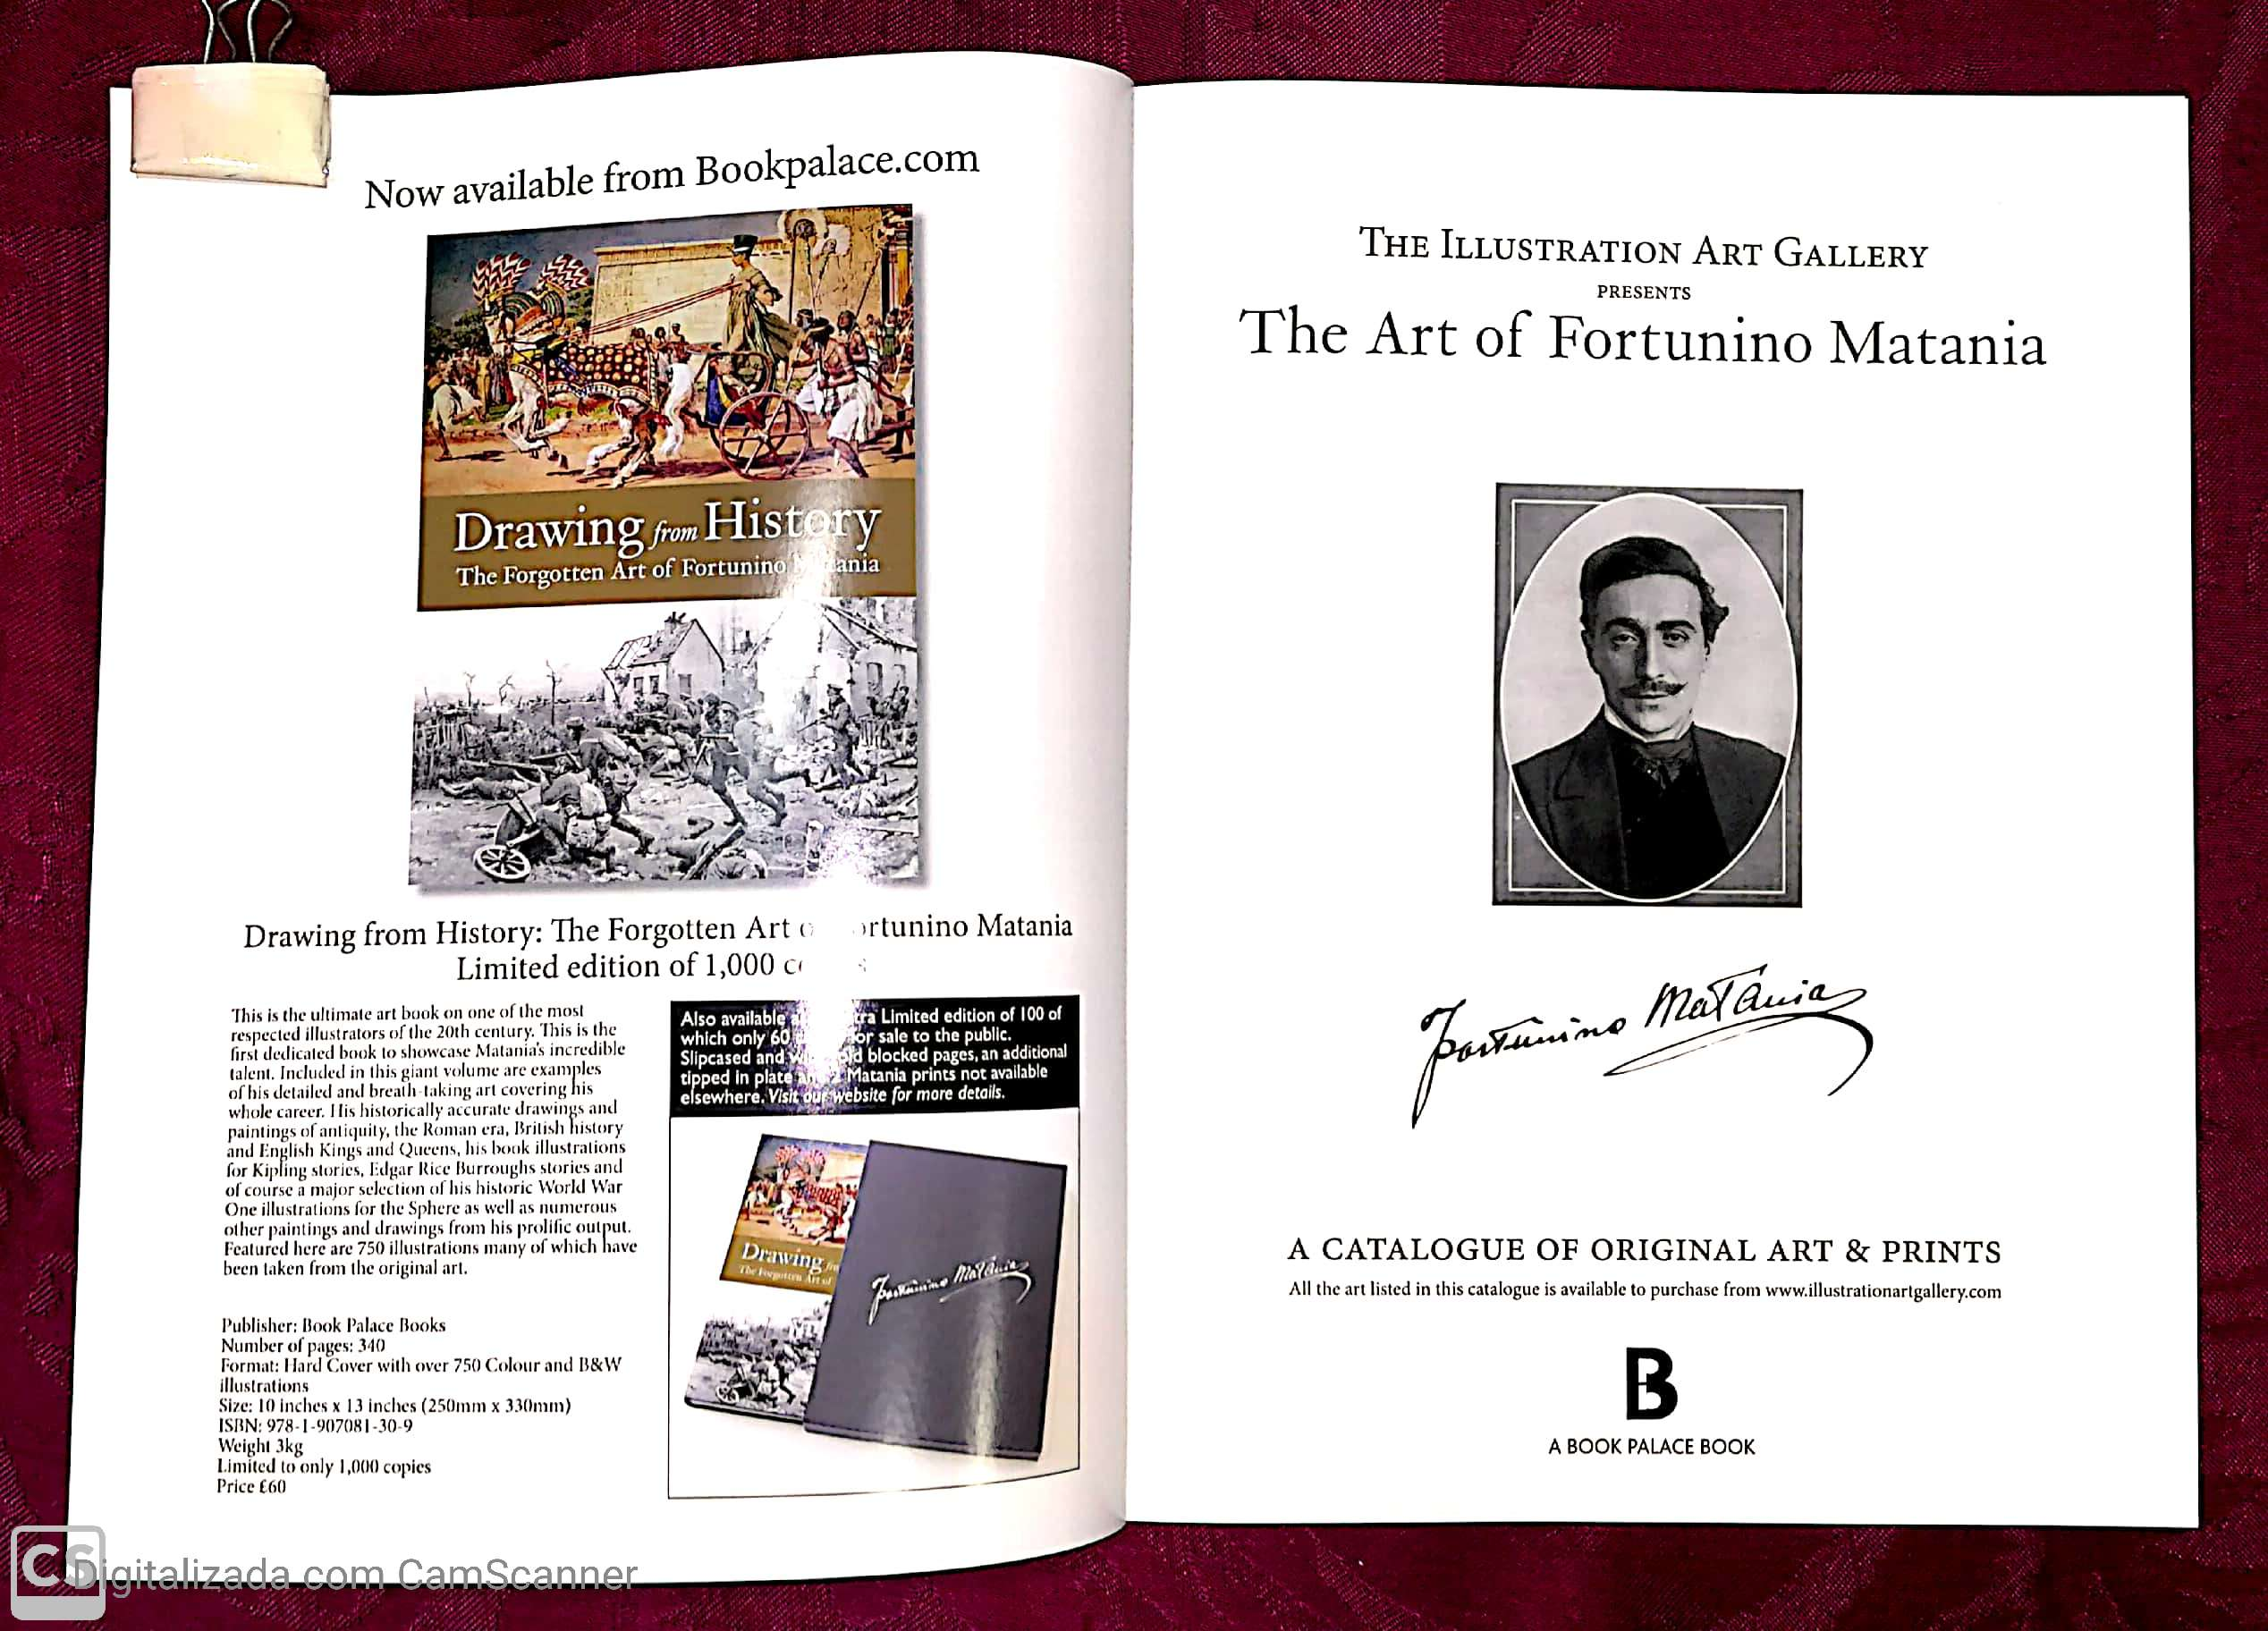 The Art of Fortunino Matania 3 (3)